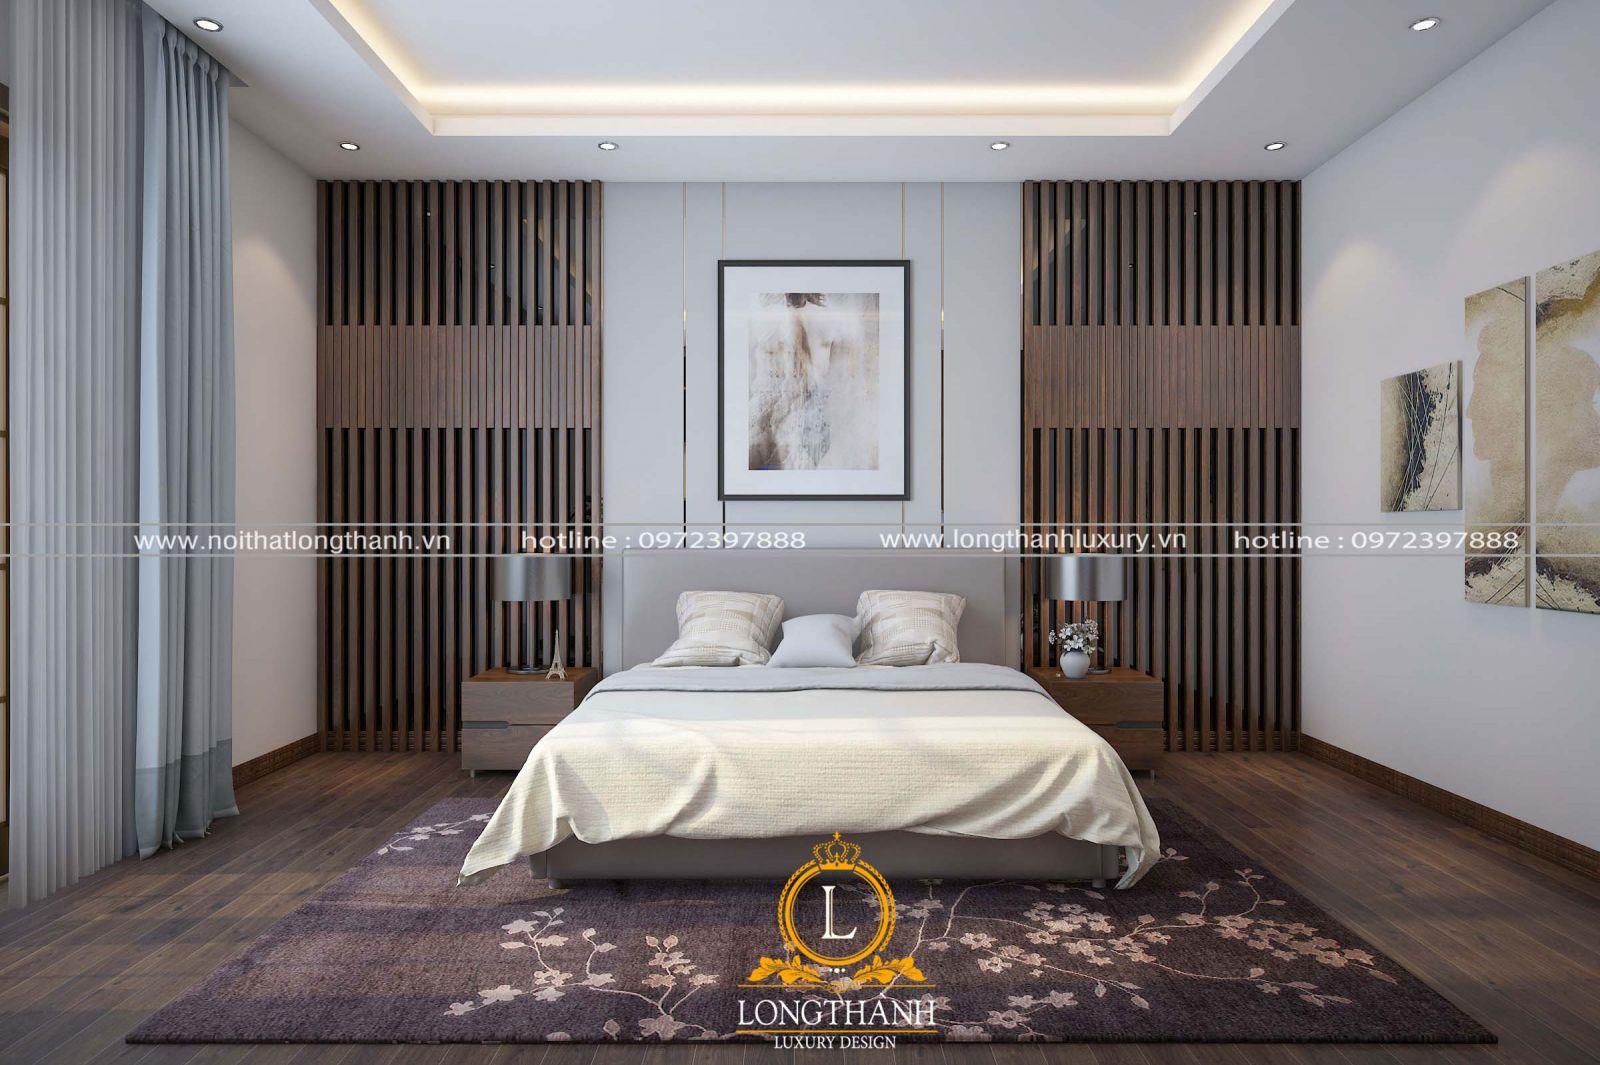 Phòng ngủ hiện đại đẹp kết hợp các khung tranh cùng giấy dán tường